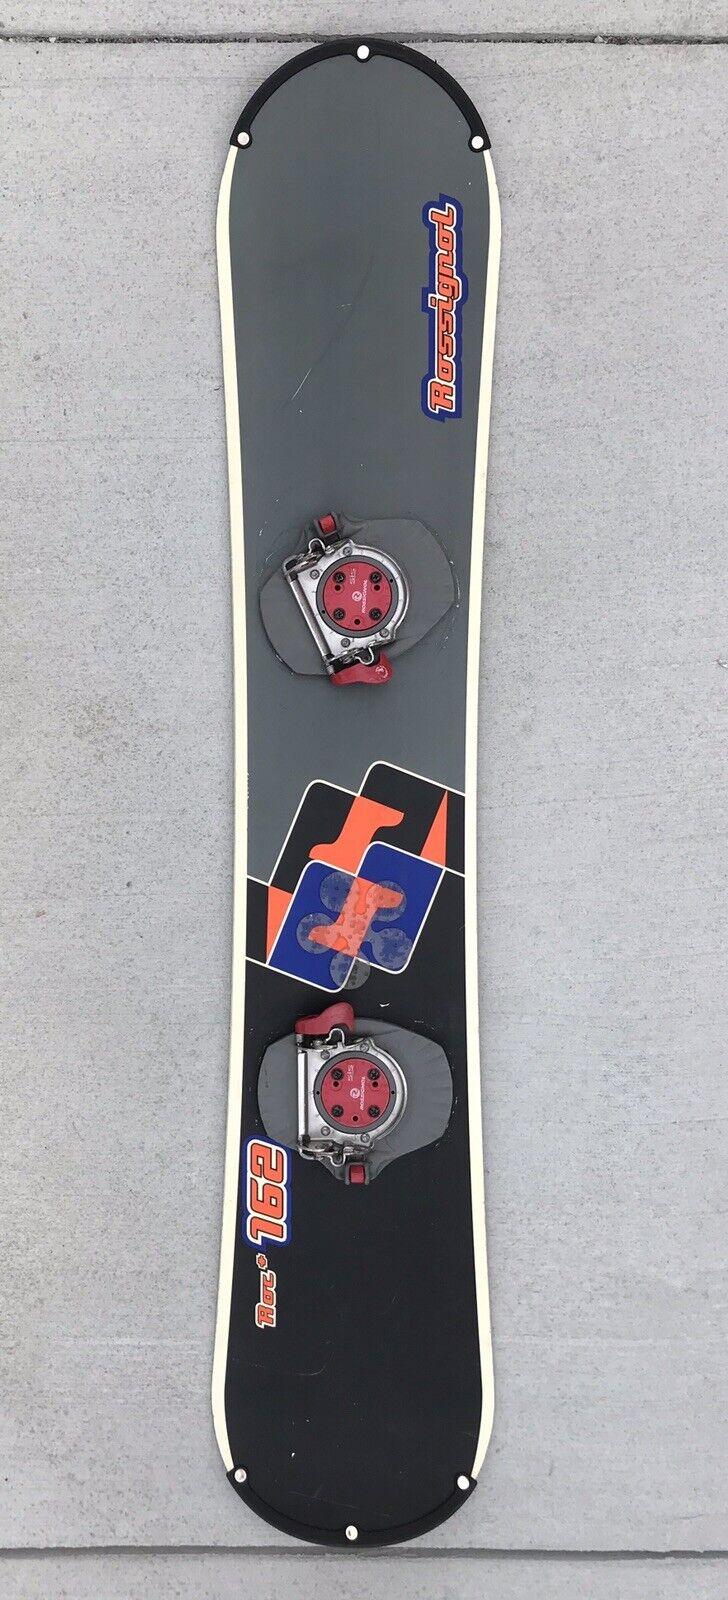 Officiële Rossignol Model Roc 162 Snowboard 63 65533; 162cm Langgebruikt